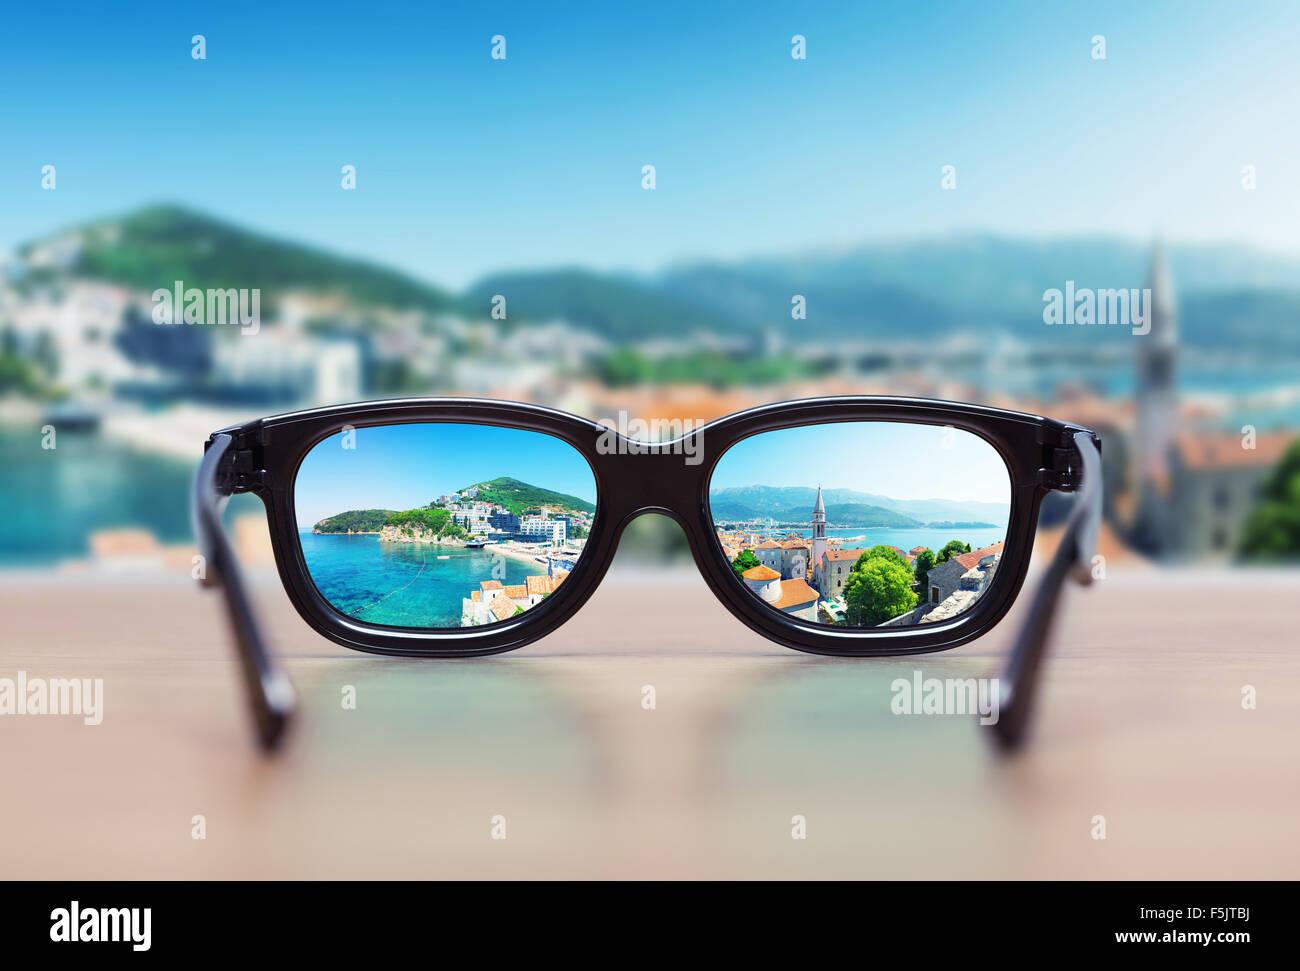 63f44b60ae Paisaje urbano centrado en las lentes de las gafas. Concepto de visión  Imagen De Stock